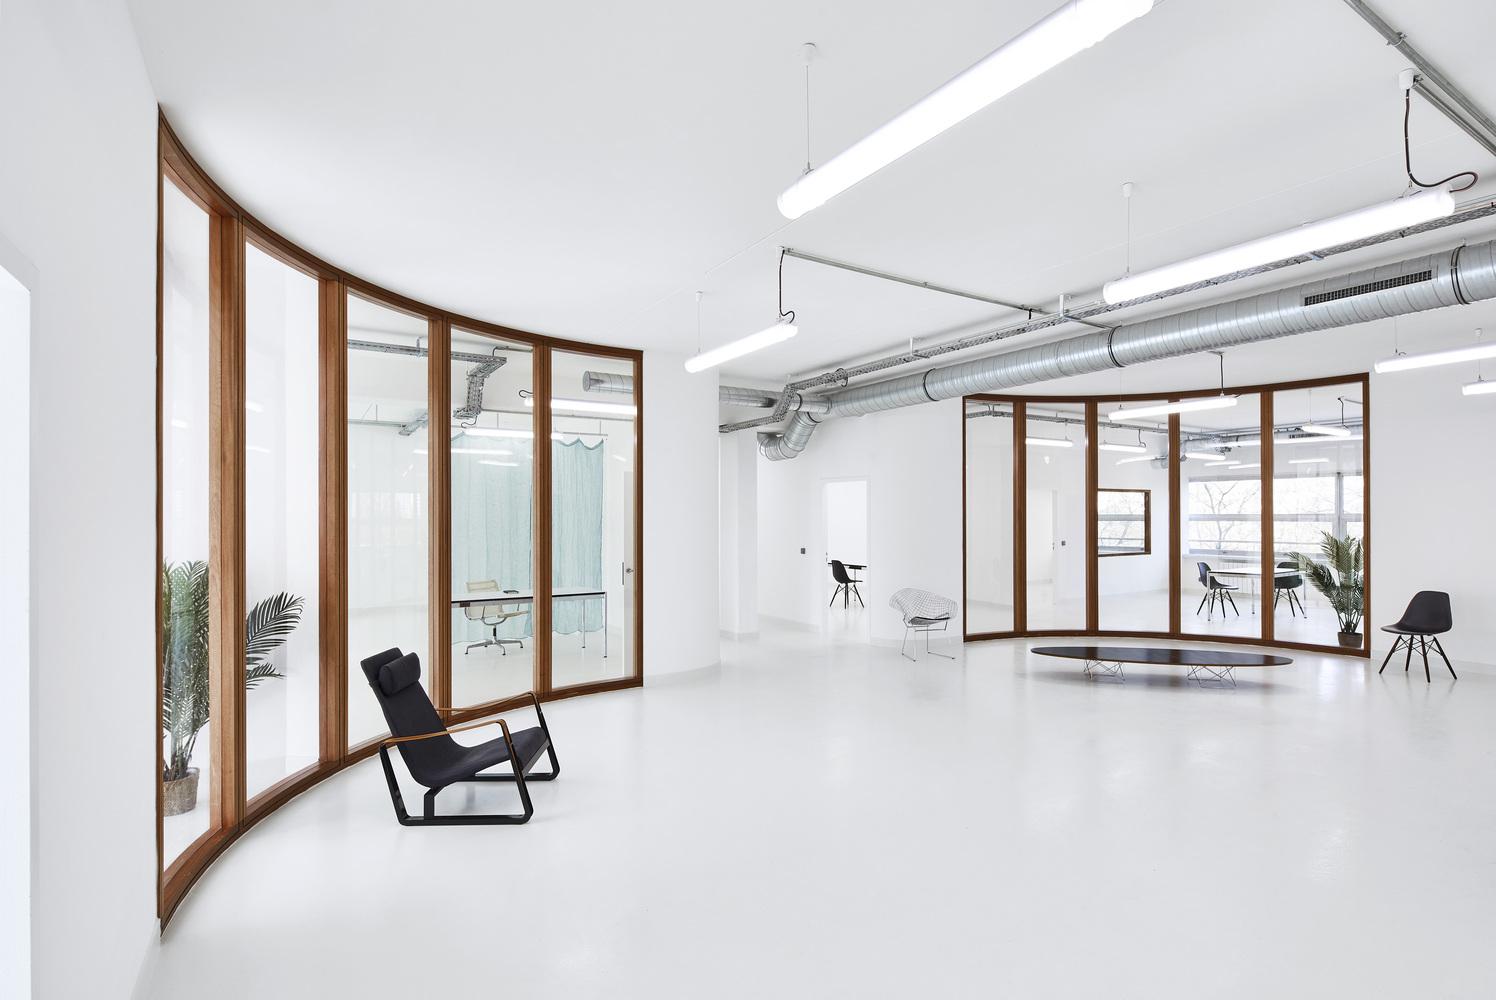 Gallery Of Ateliers Showroom Marine Serre Lemoal Lemoal